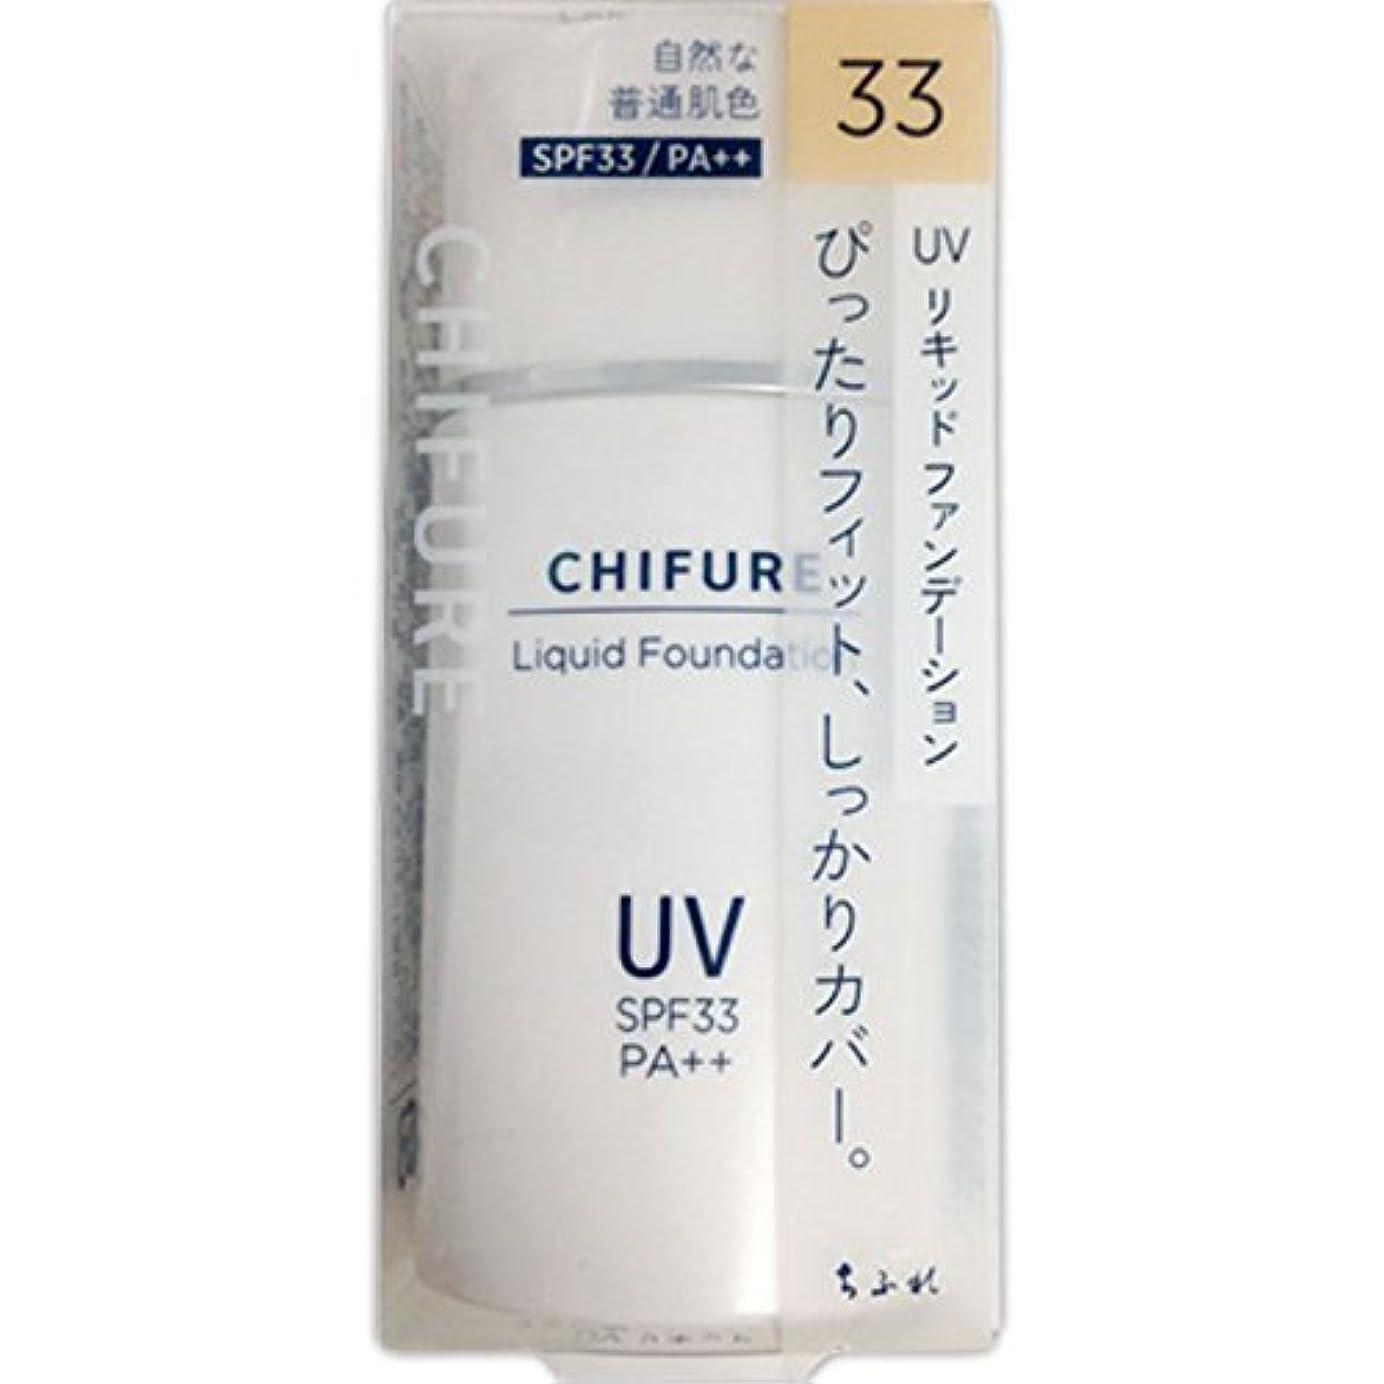 みなす実現可能性複製ちふれ化粧品 UV リキッド ファンデーション 33 自然な普通肌色 30ML